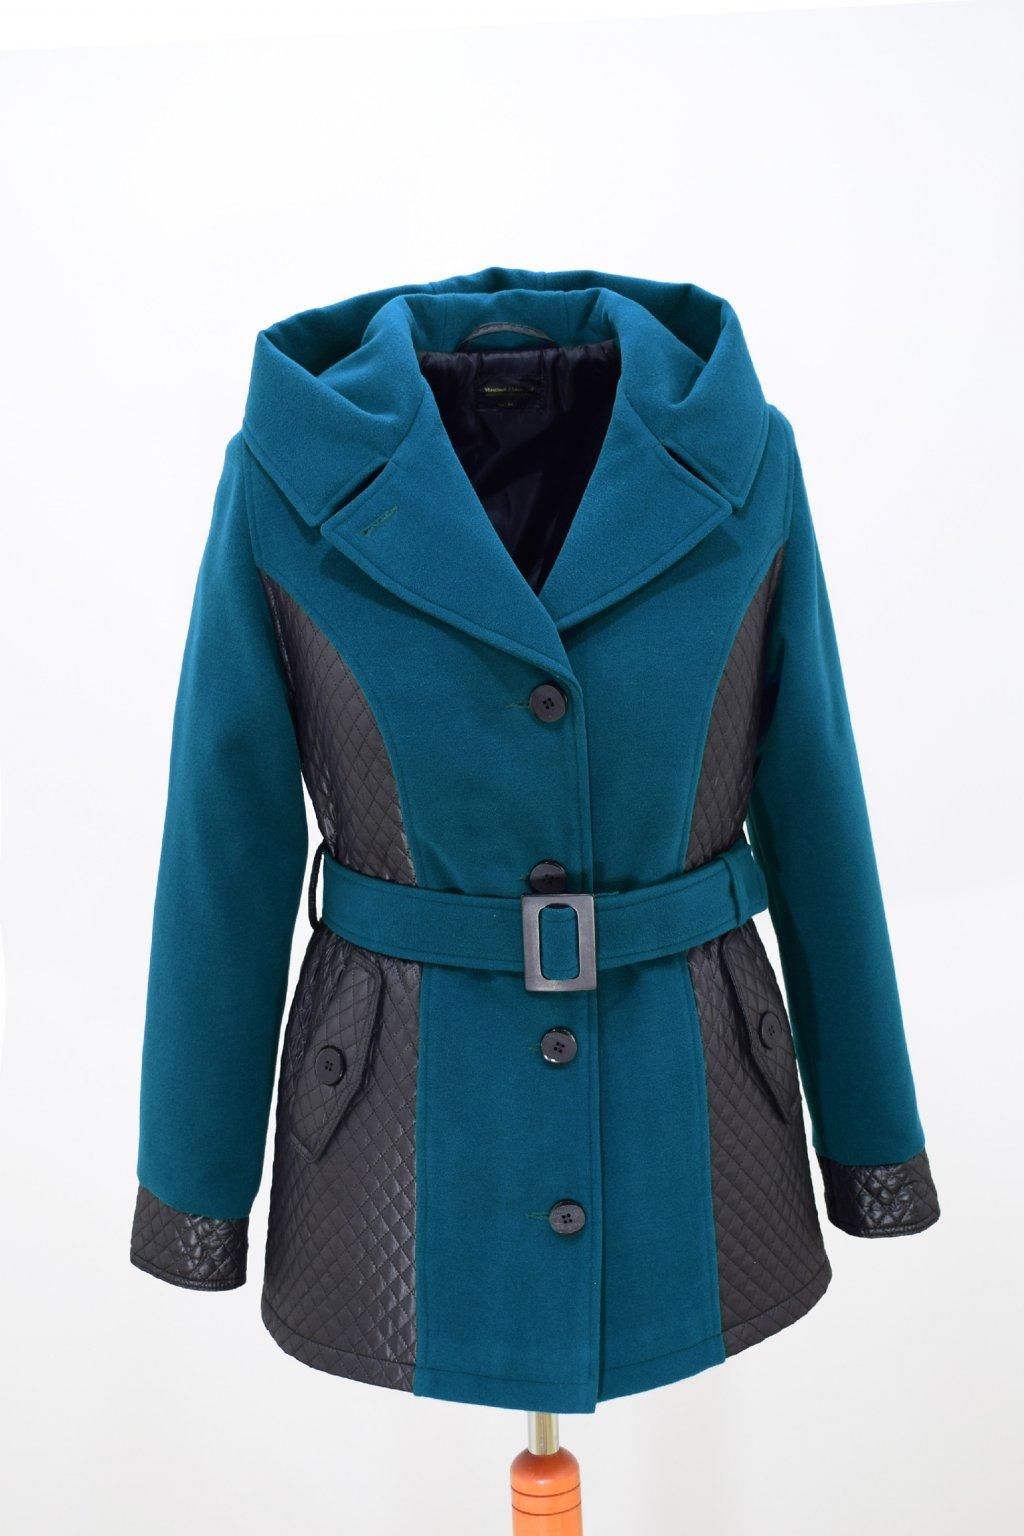 Dámský petrolový zimní kabátek Aneta nadměrné velikosti.